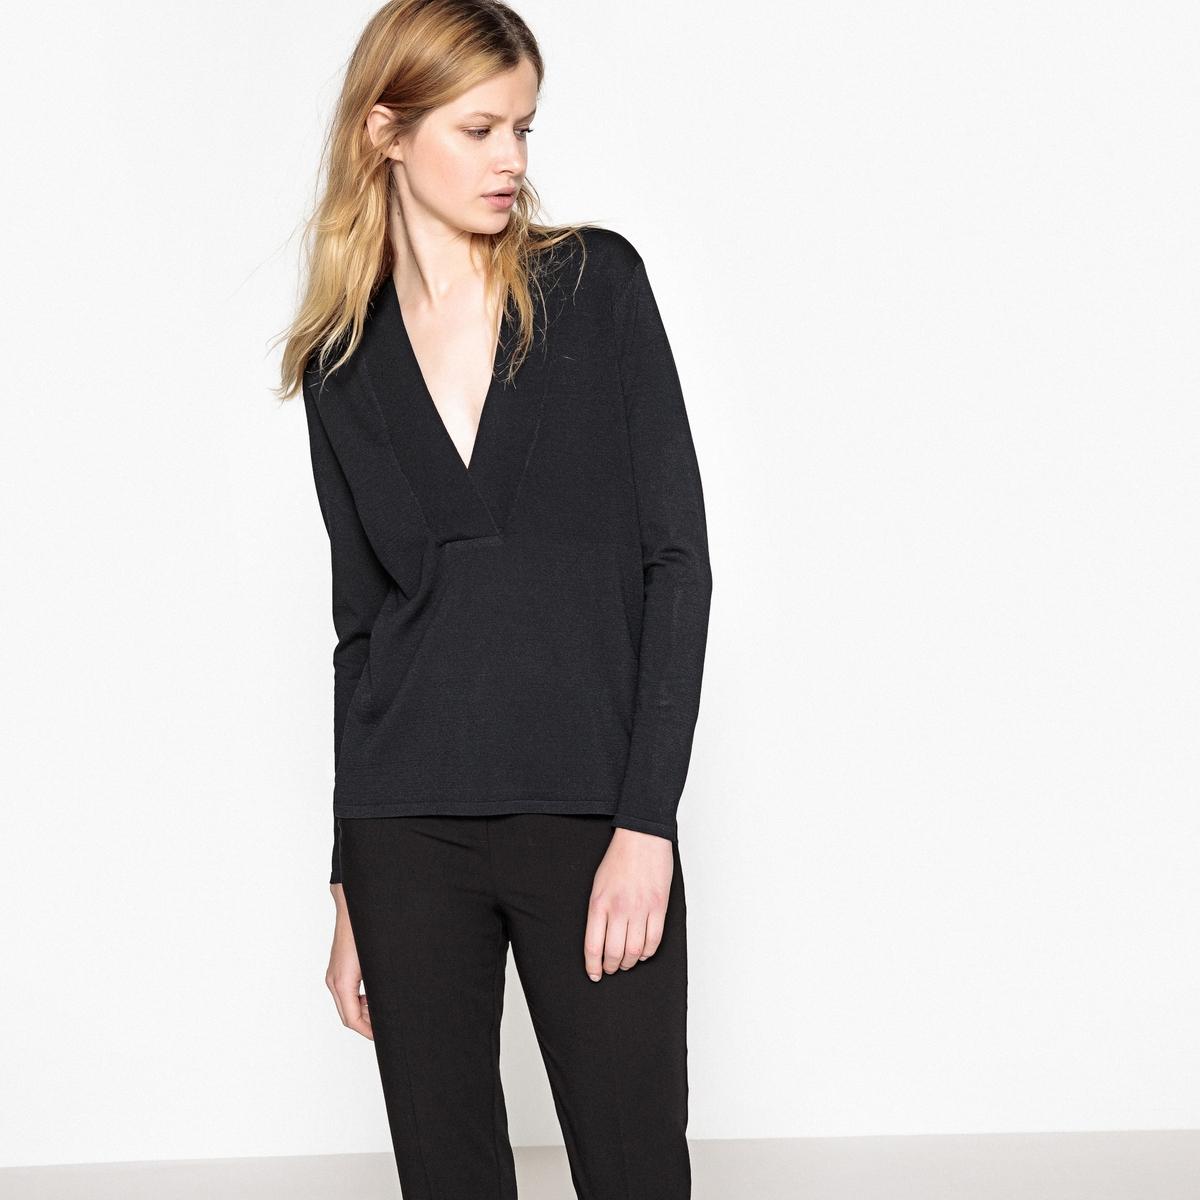 купить Пуловер-туника с V-образным вырезом из тонкого трикотажа по цене 1179.6 рублей